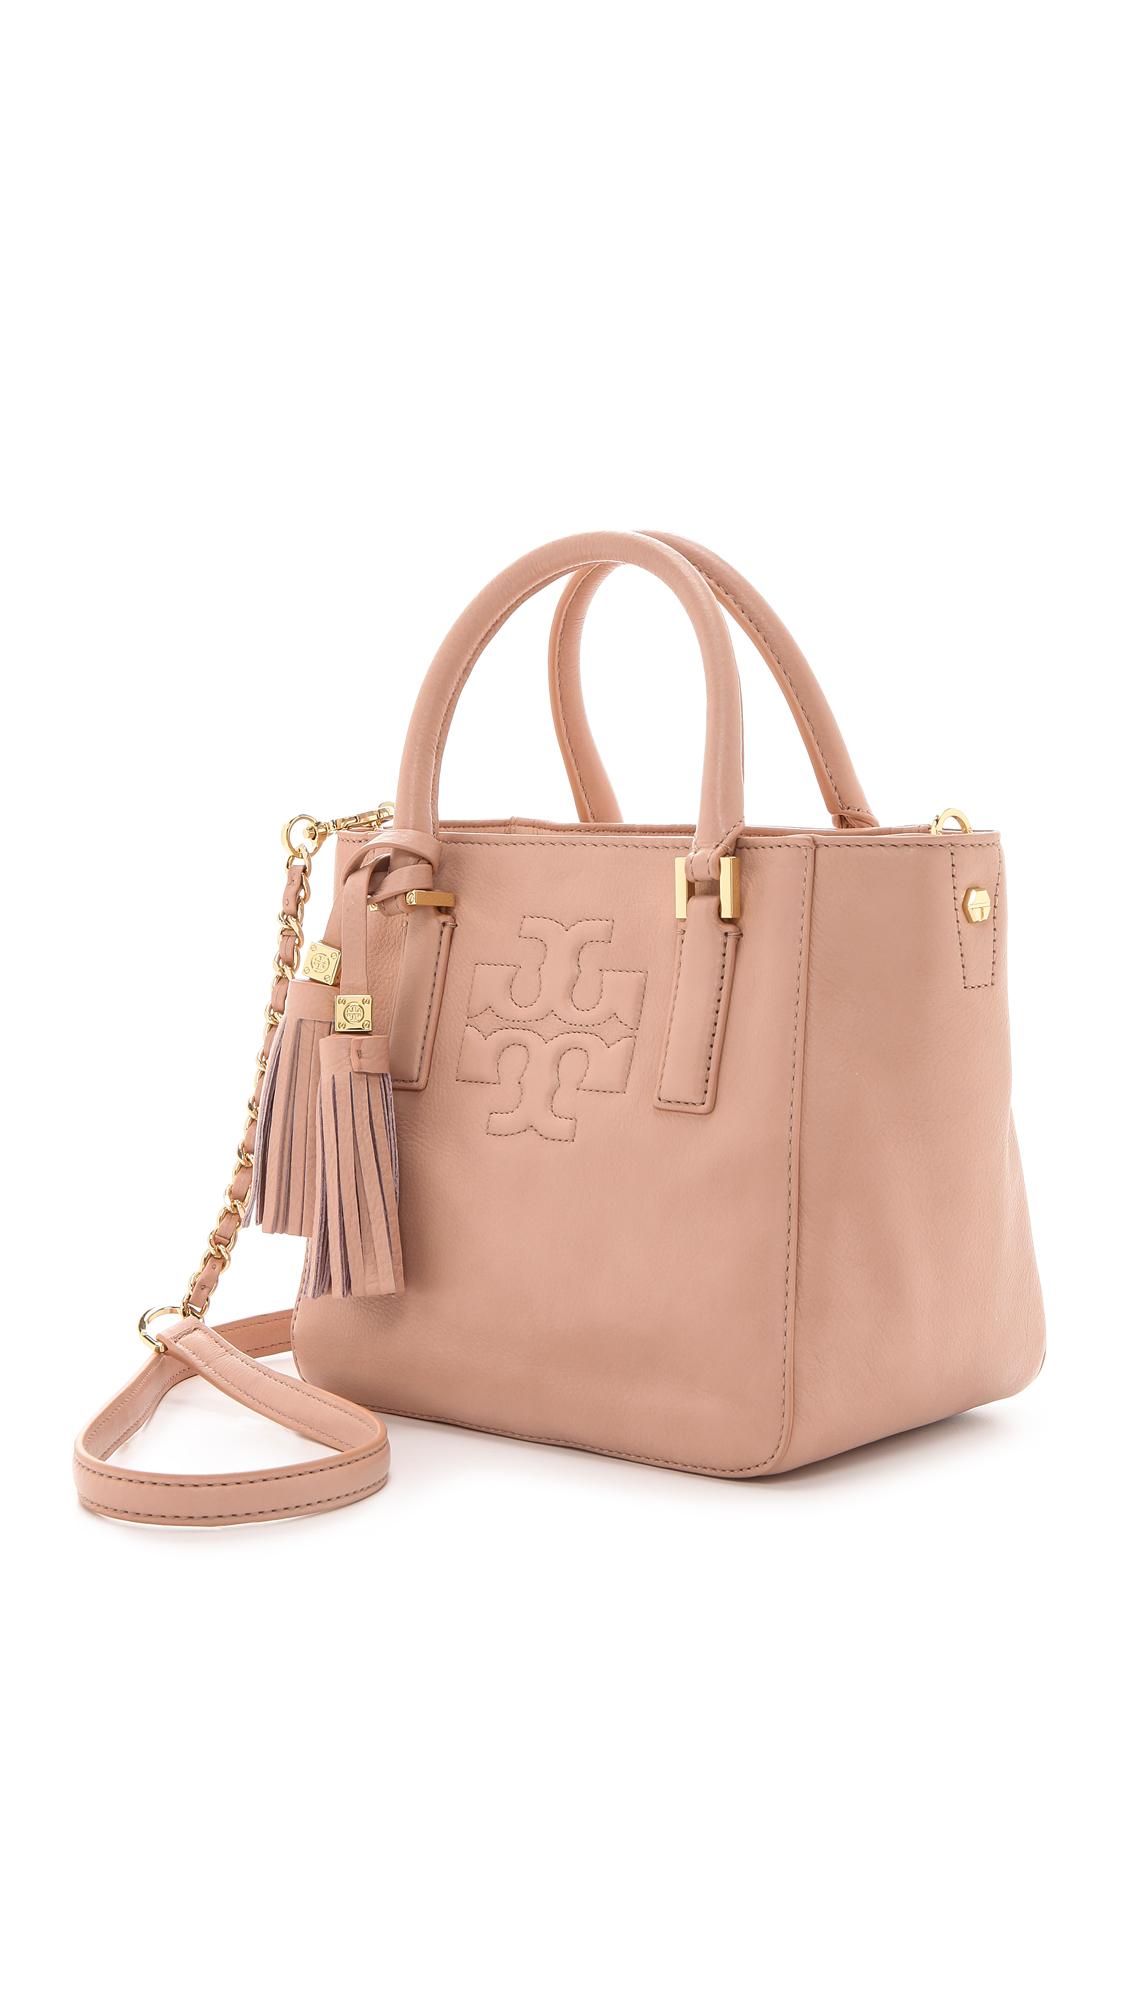 1194cbbf7126 Tory Burch Thea Mini Bucket Bag